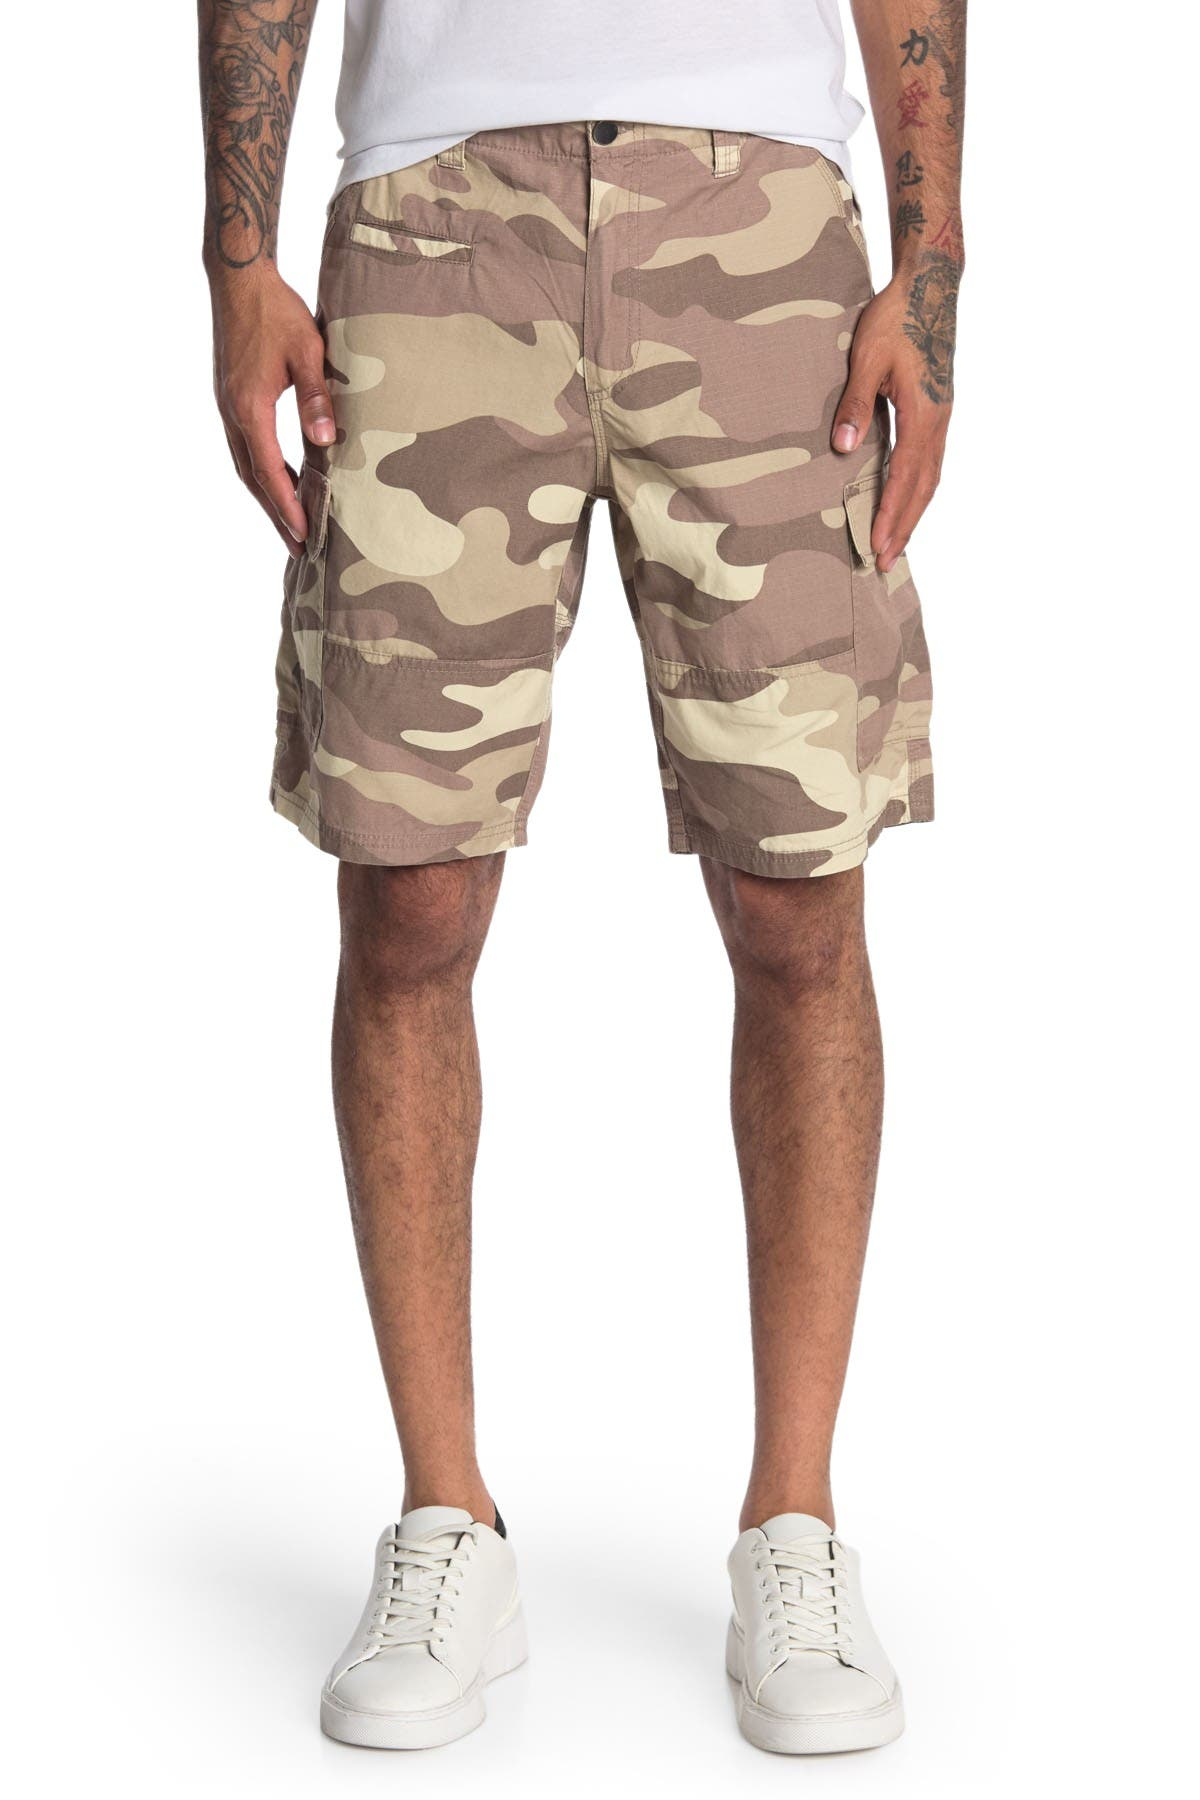 Image of Oakley Cargo Shorts